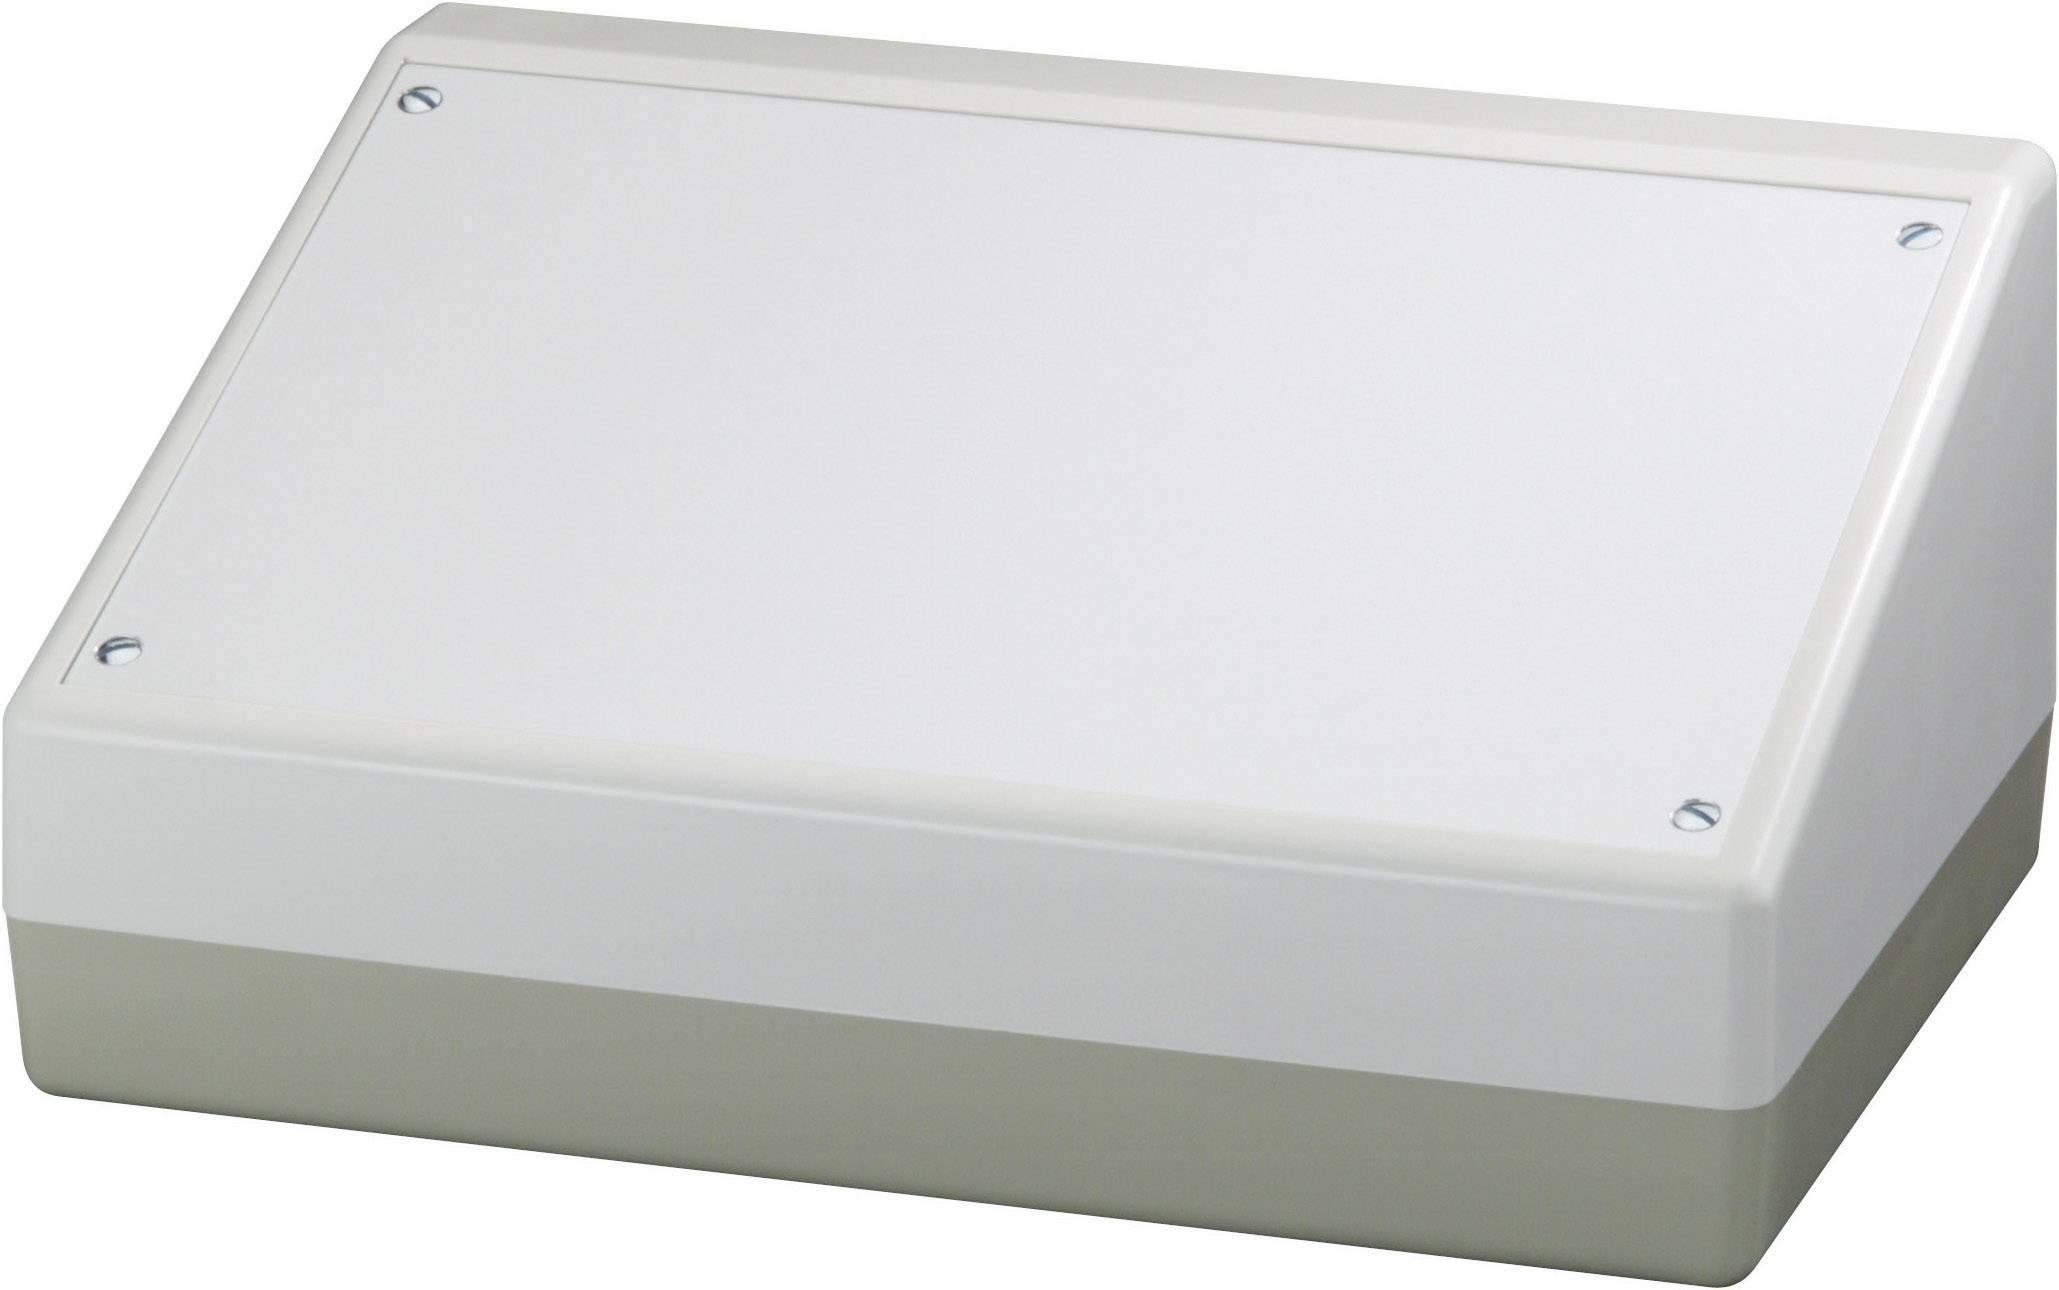 Pultové pouzdro ABS OKW Pultgehäuse 220, (š x v x h) 220 x 100/52 x 156 mm, hliníková